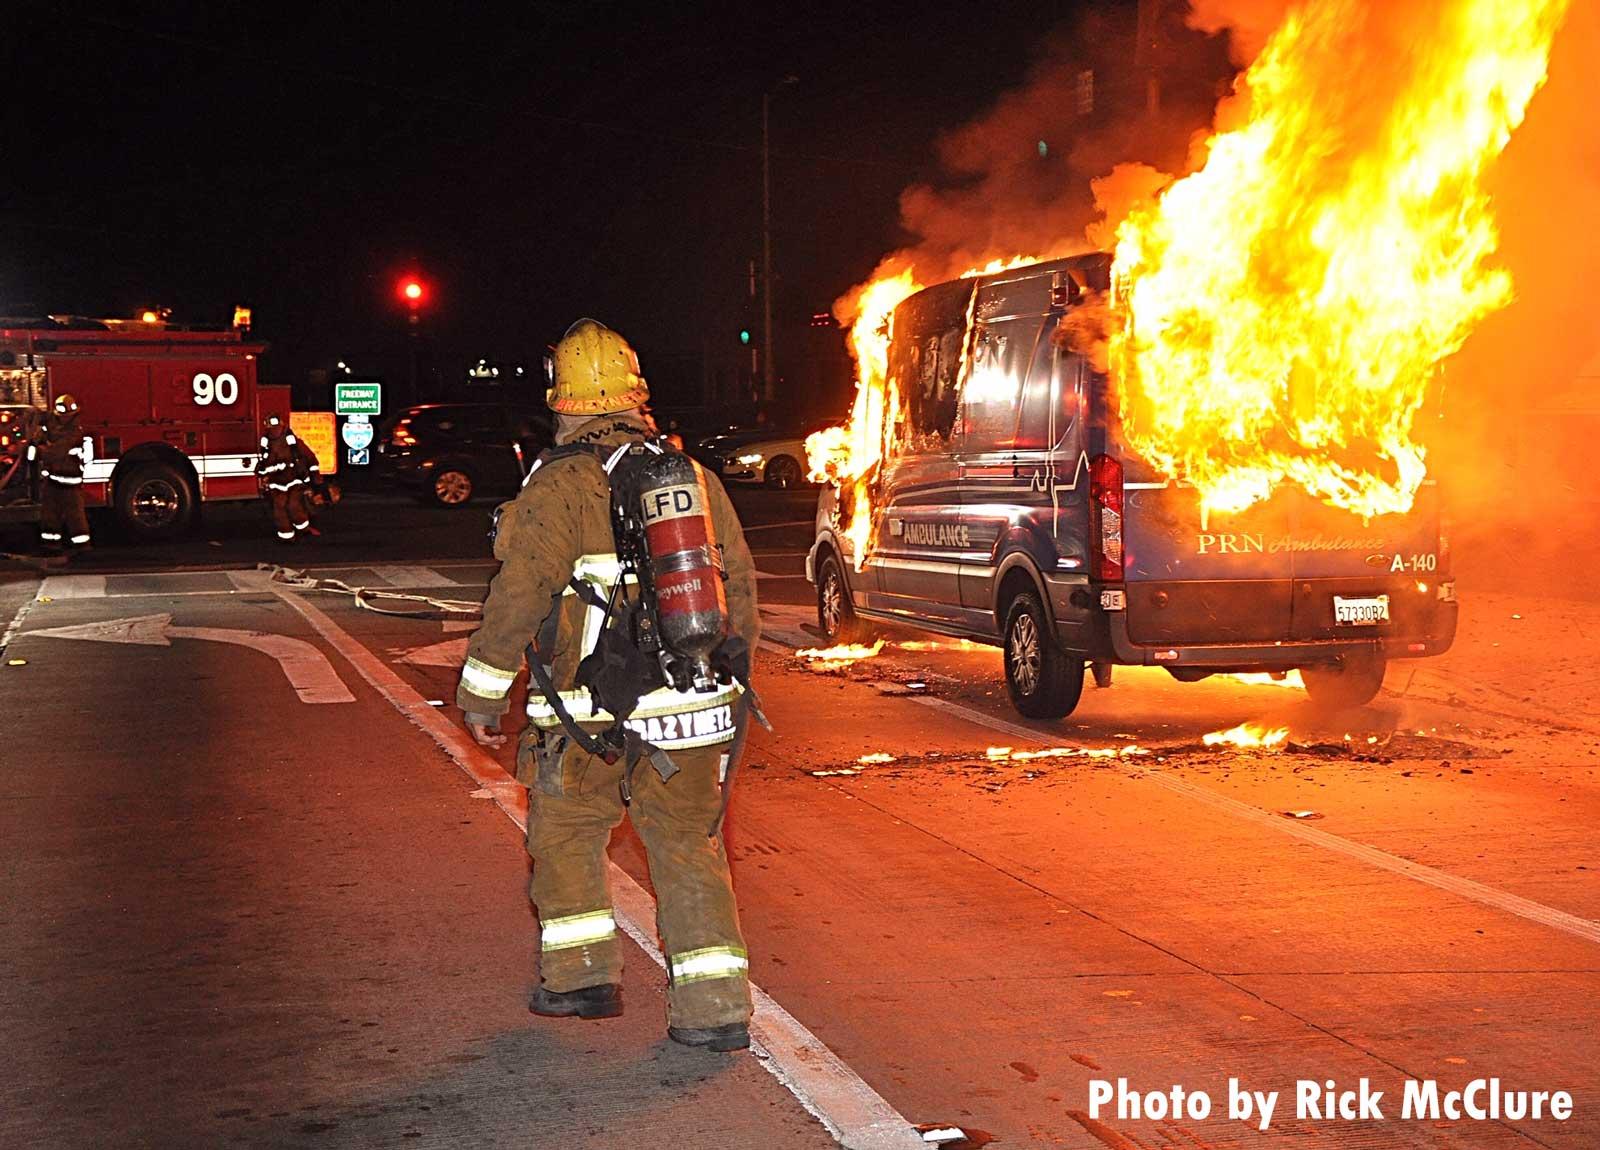 Firefighter facing an ambulance fire